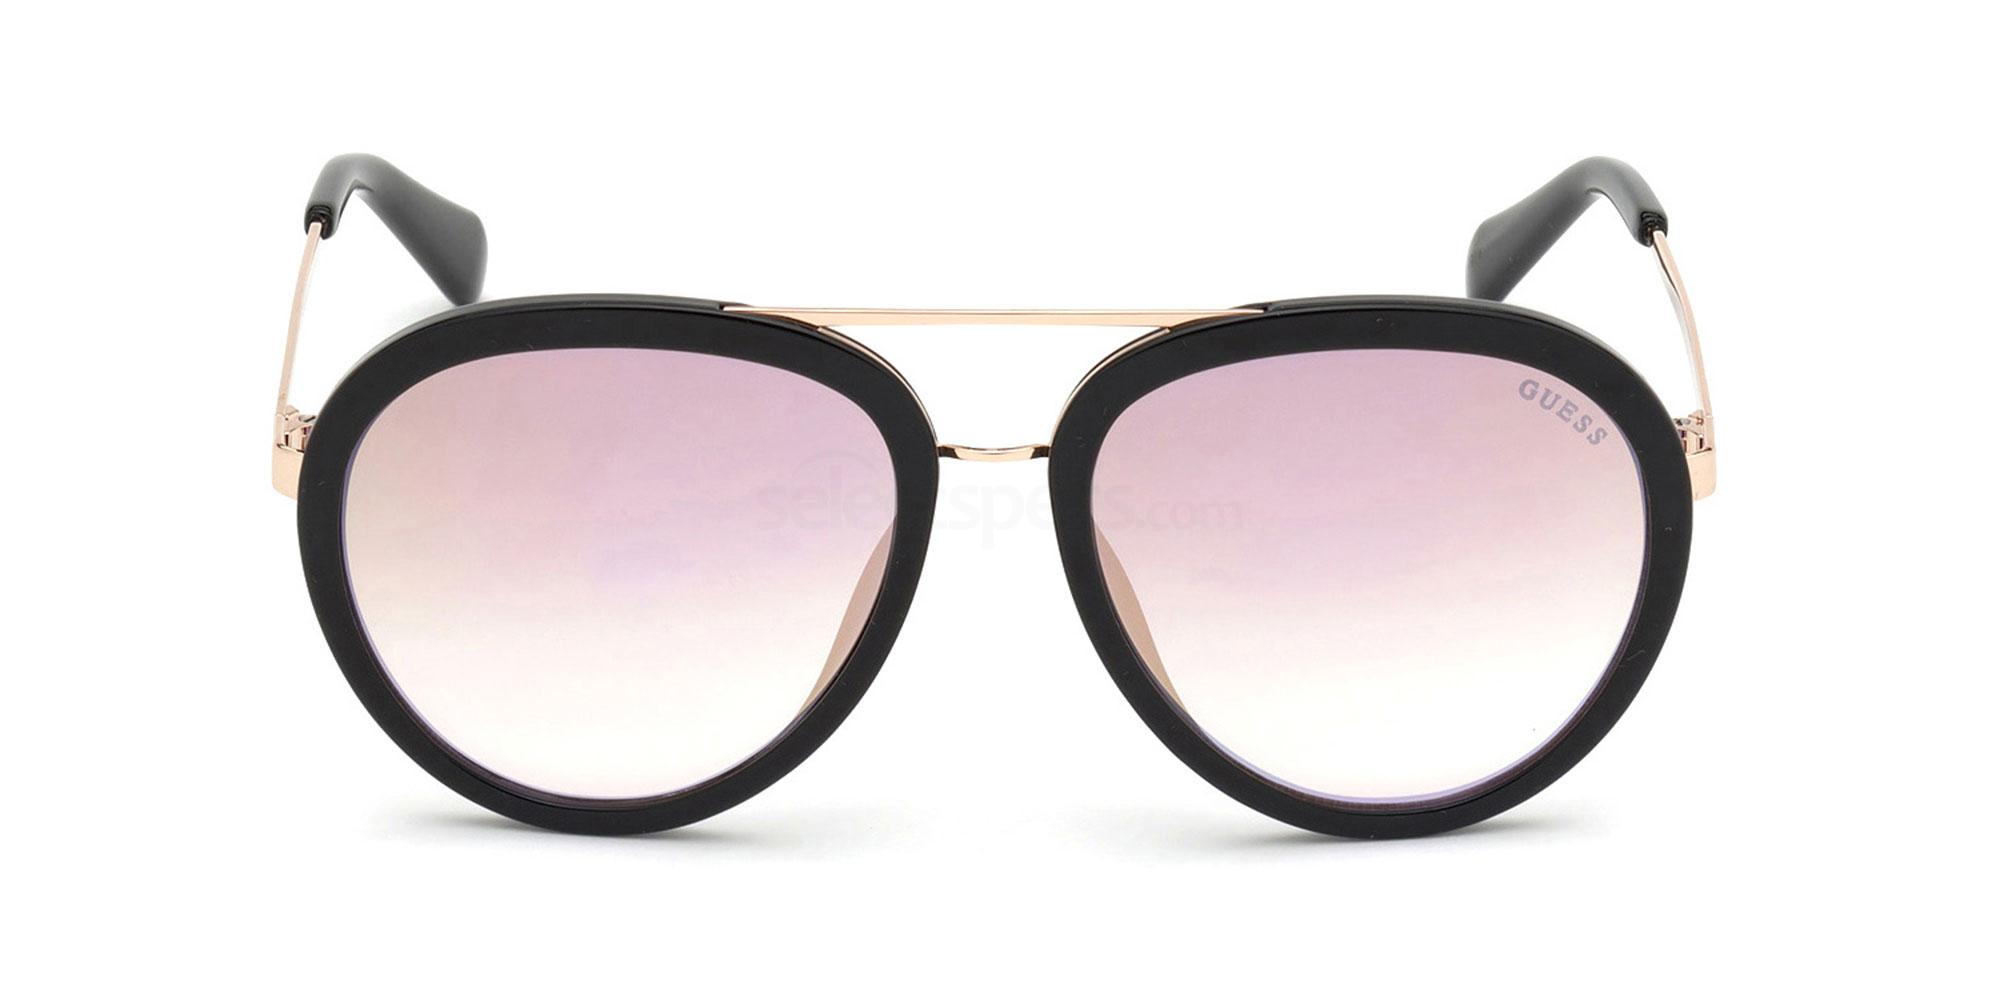 01U GU9200 Sunglasses, GUESS Kids